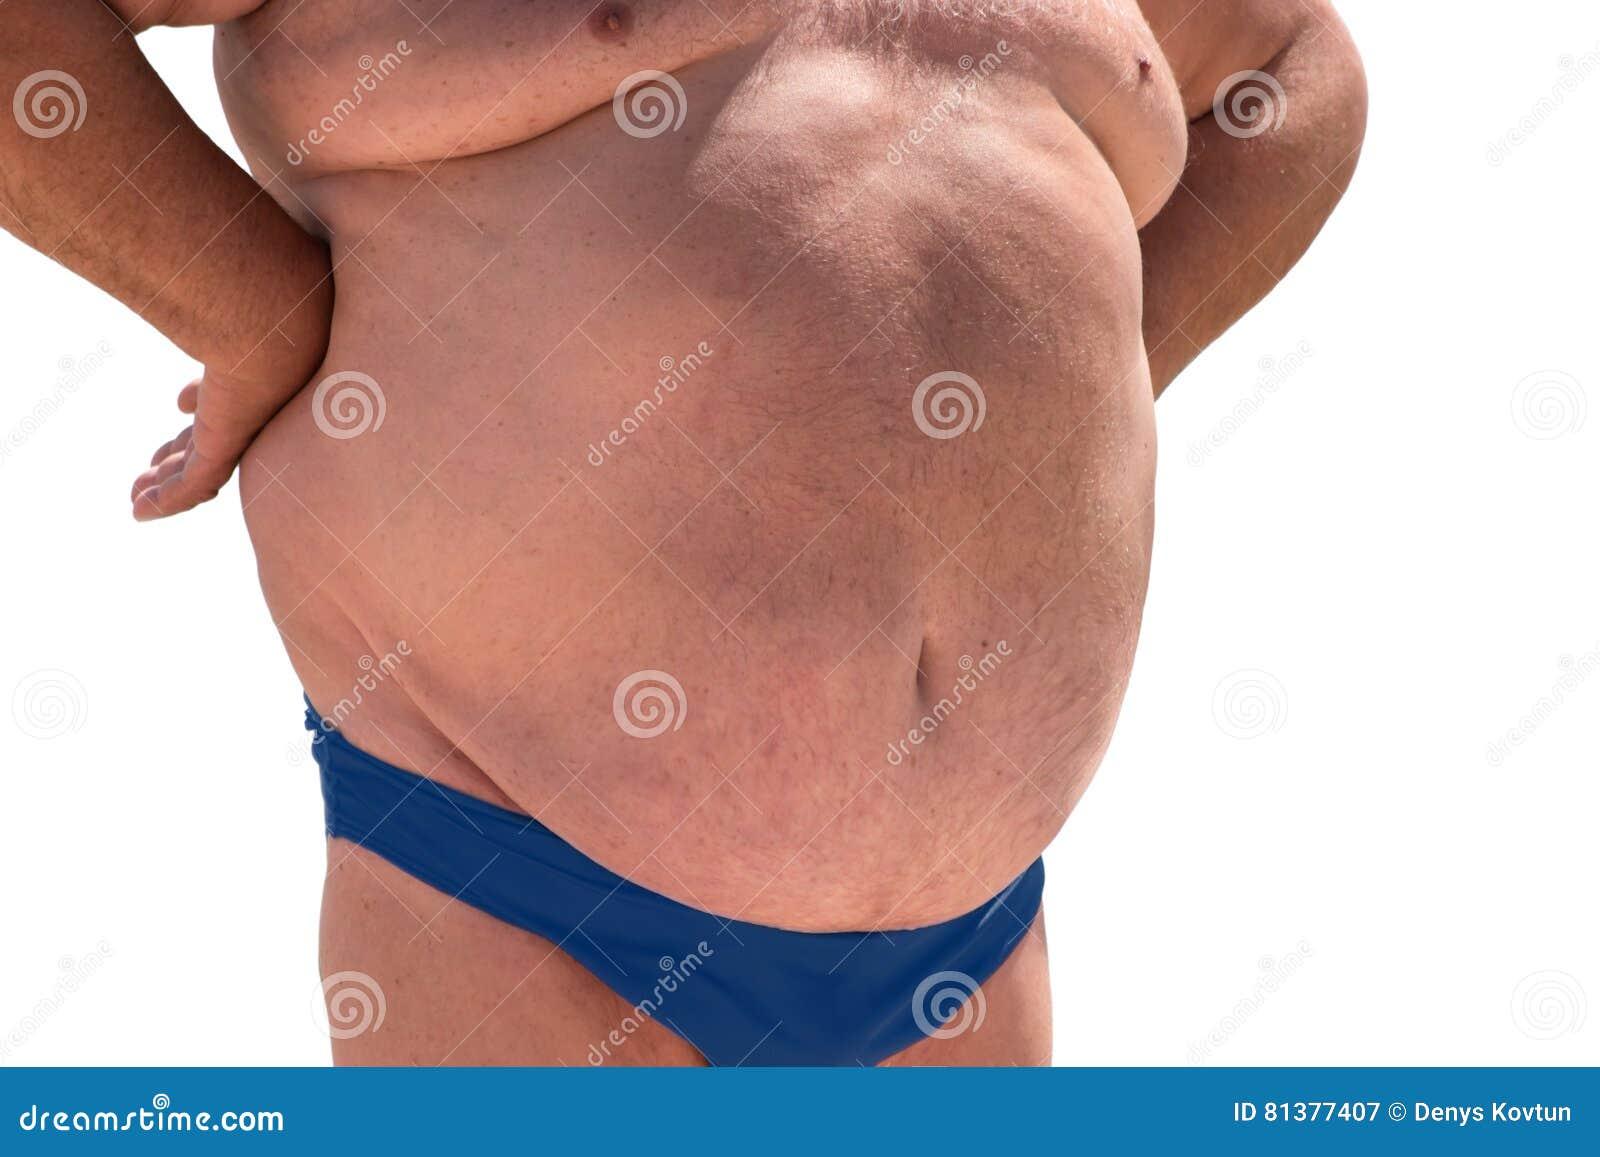 Mann bauch bilder dicker Dicker Bauch